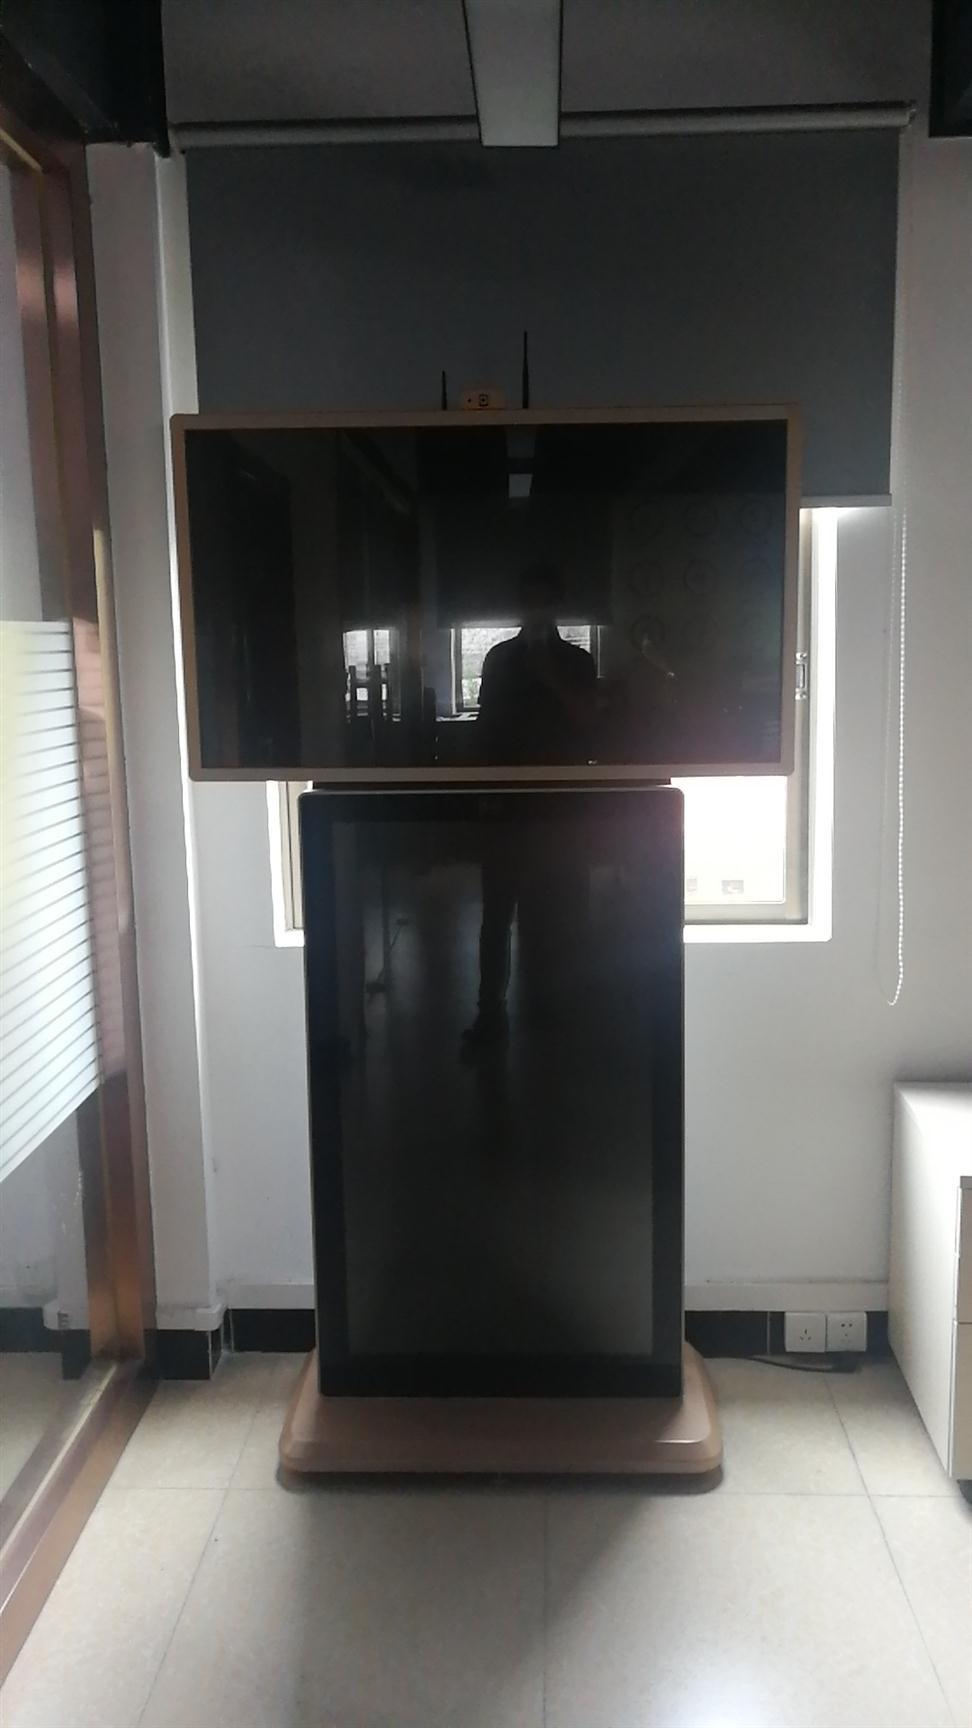 西藏液晶广告机设备回收可上门回收